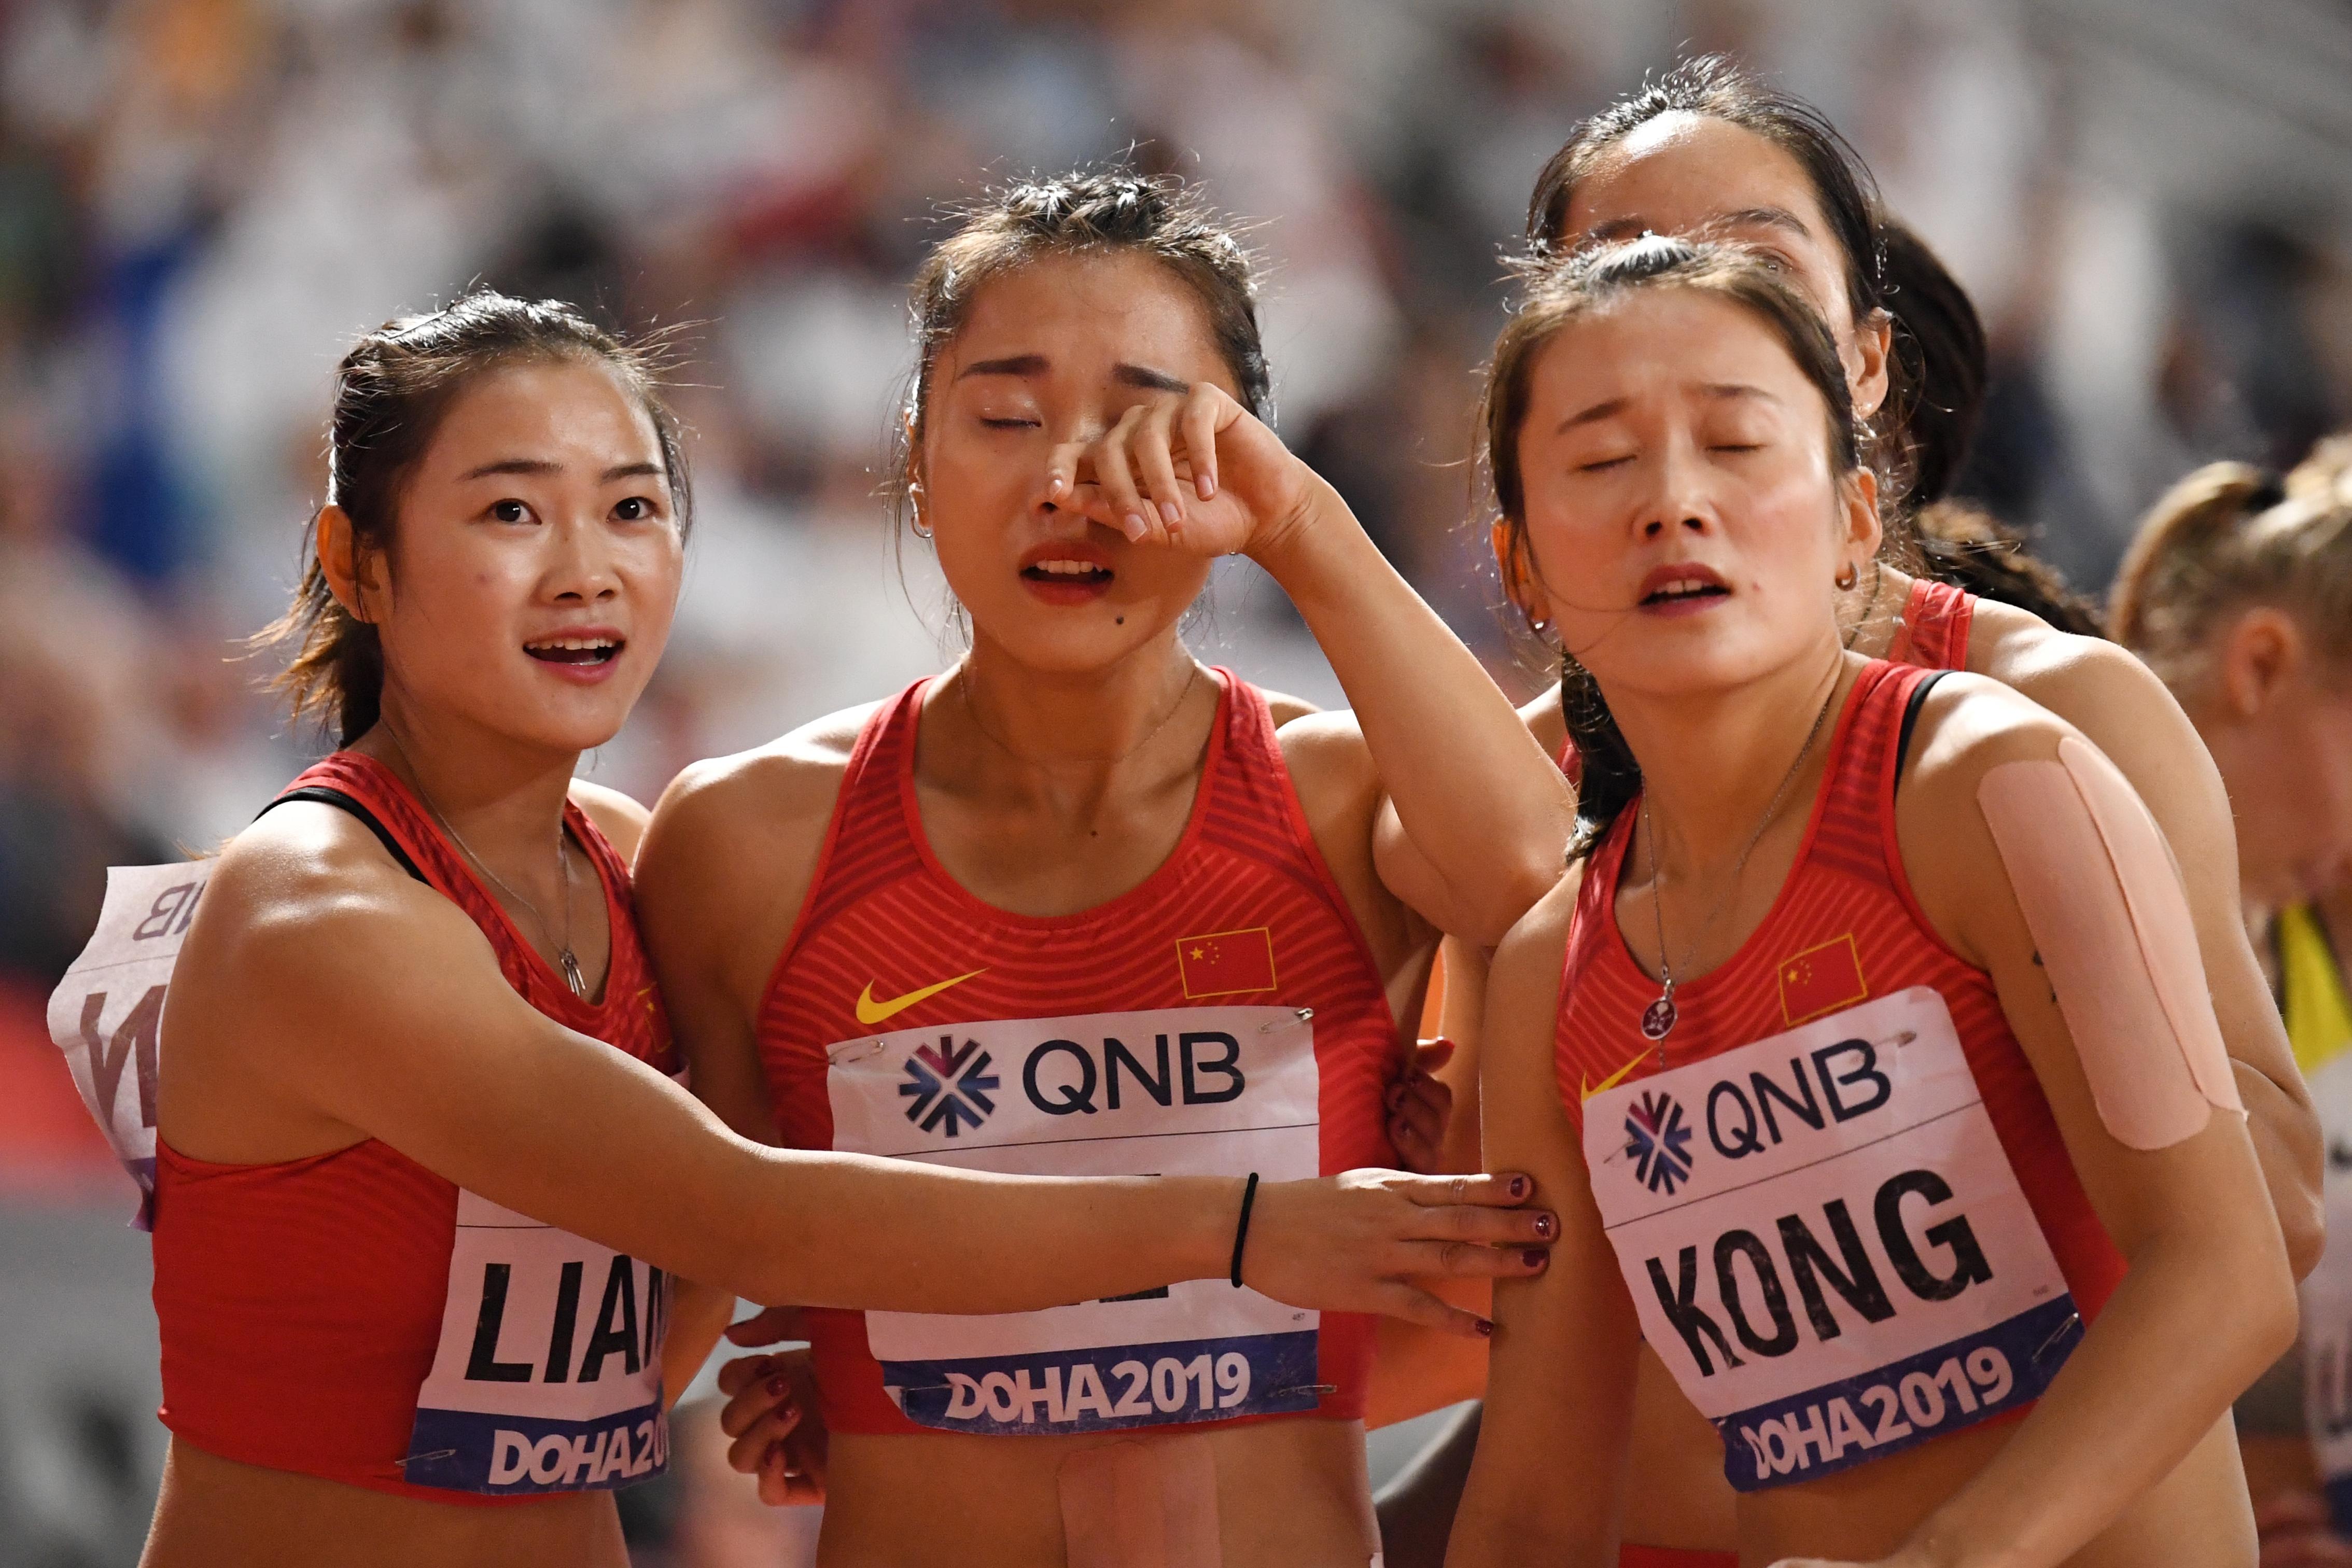 Történelmi léptékű, tragikomikus töketlenkedést mutattak be a kínai futók